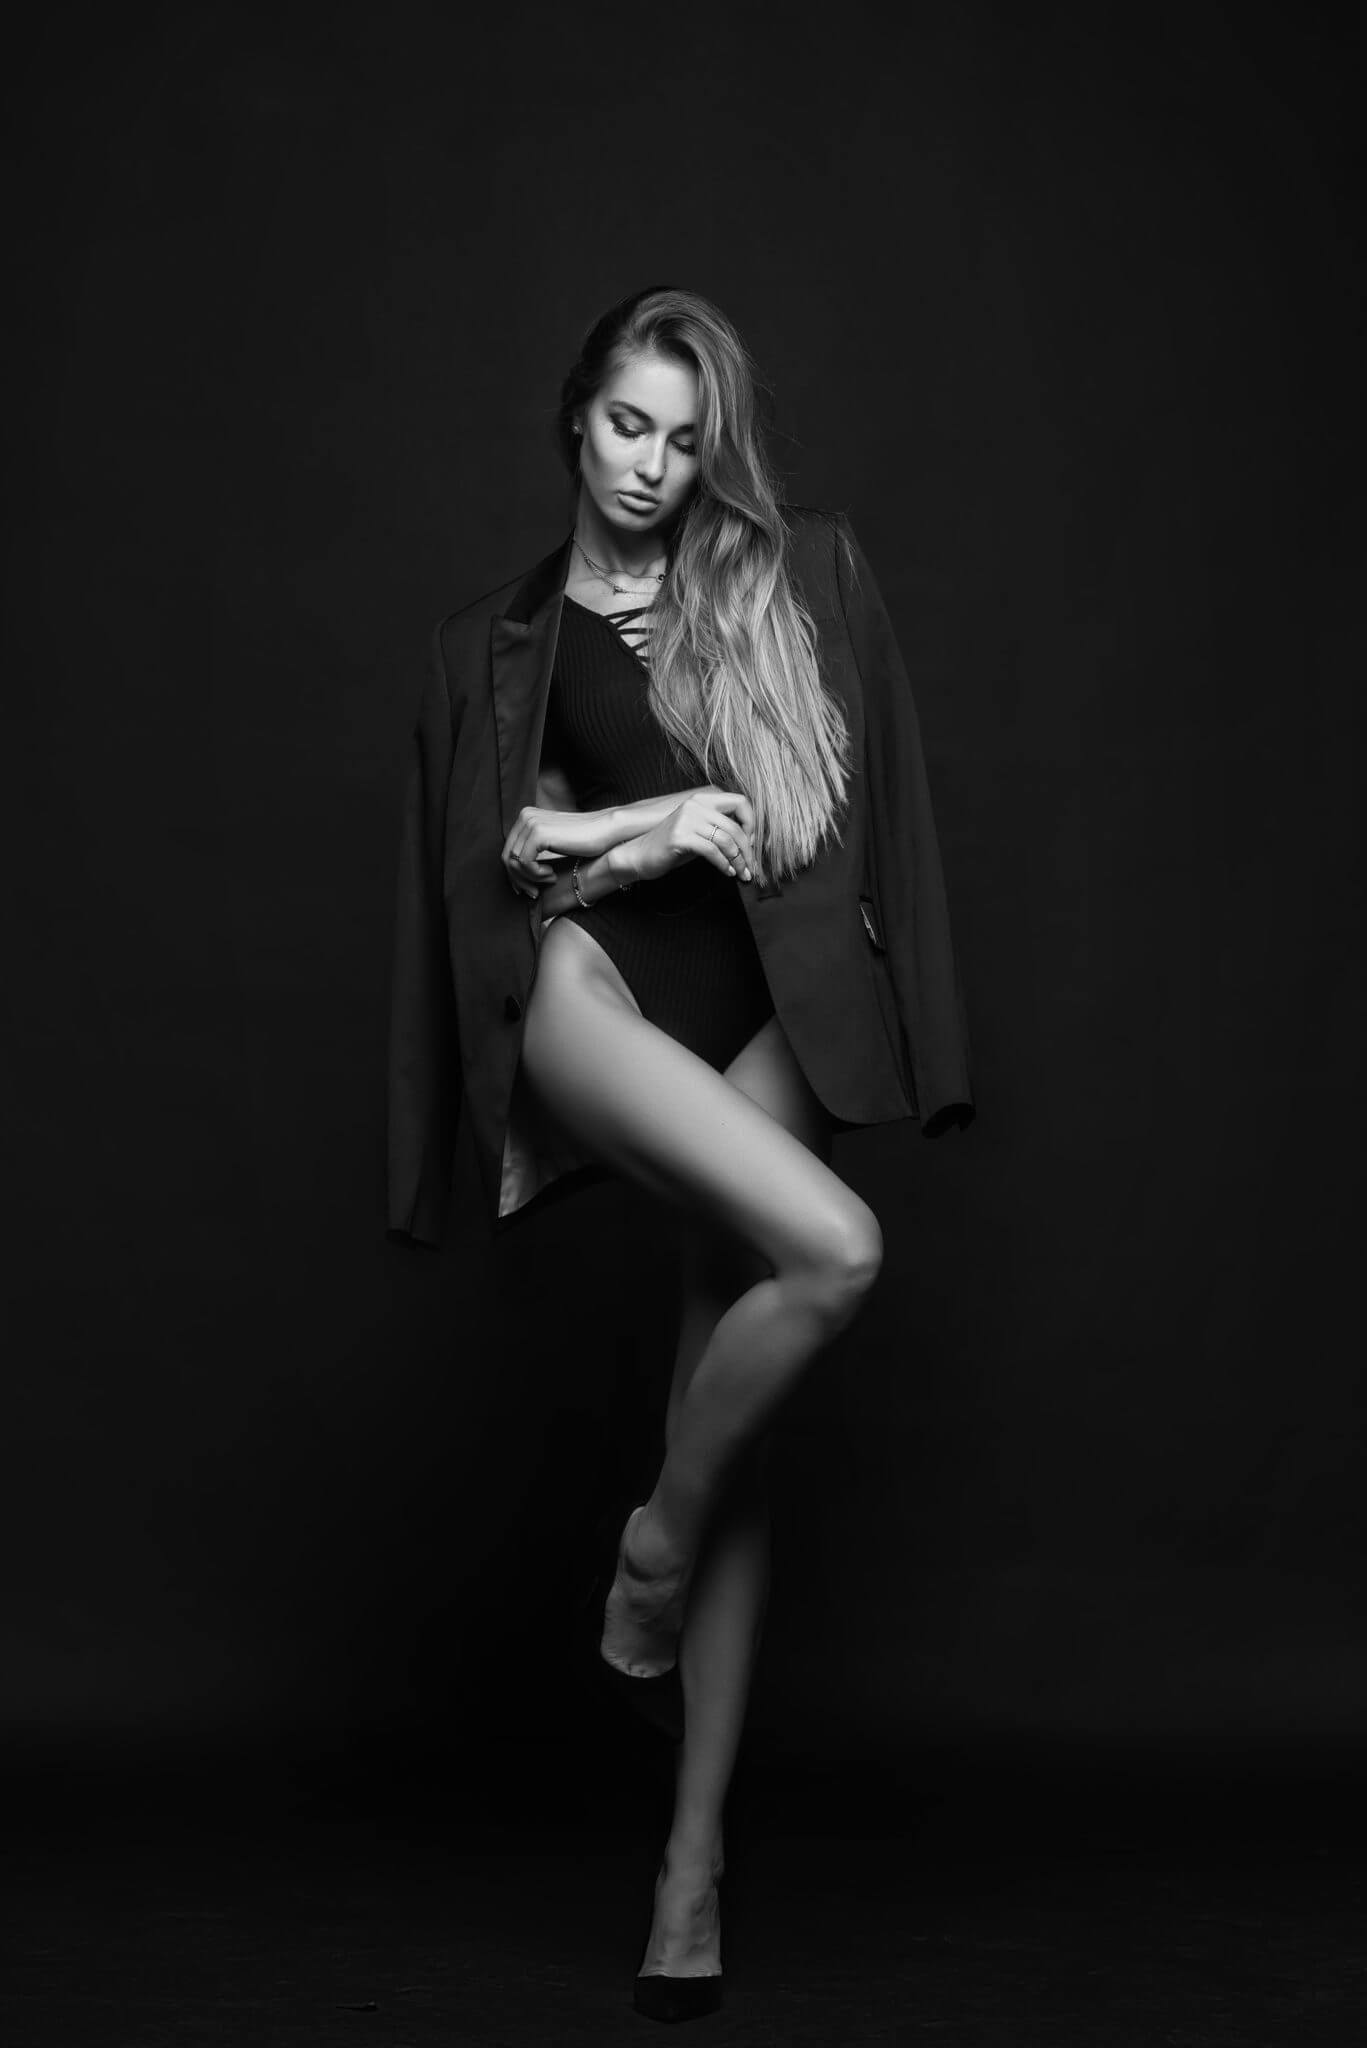 Модельные тесты, чб фото, девушка в купальнике и пиджаке на стуле на черном фоне